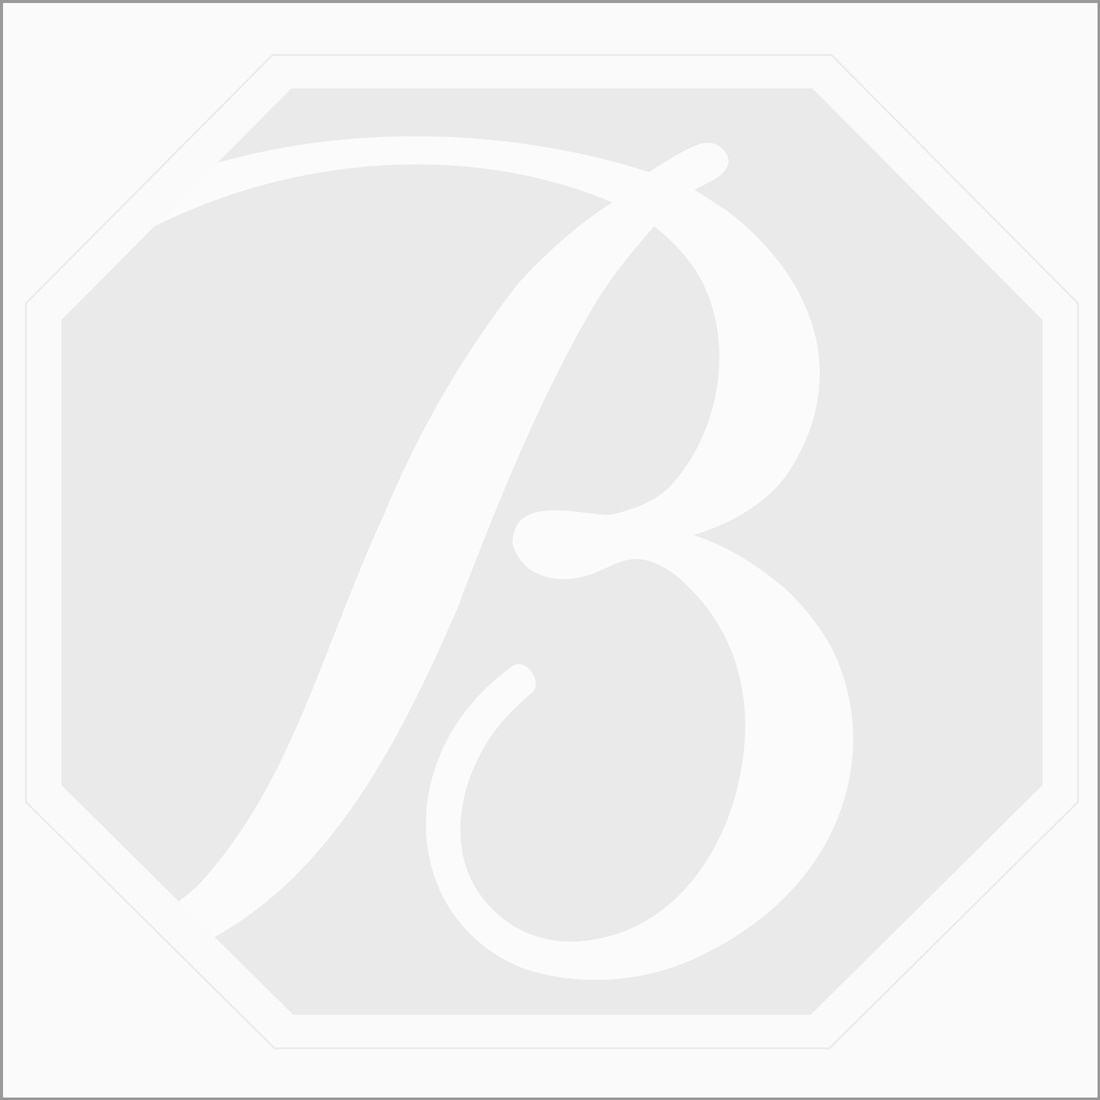 1 pcs - Dark Blue Tourmaline Rose Cut - 5.7 ct. - 17 x 11.4 x 3.5 mm (TRC1043)